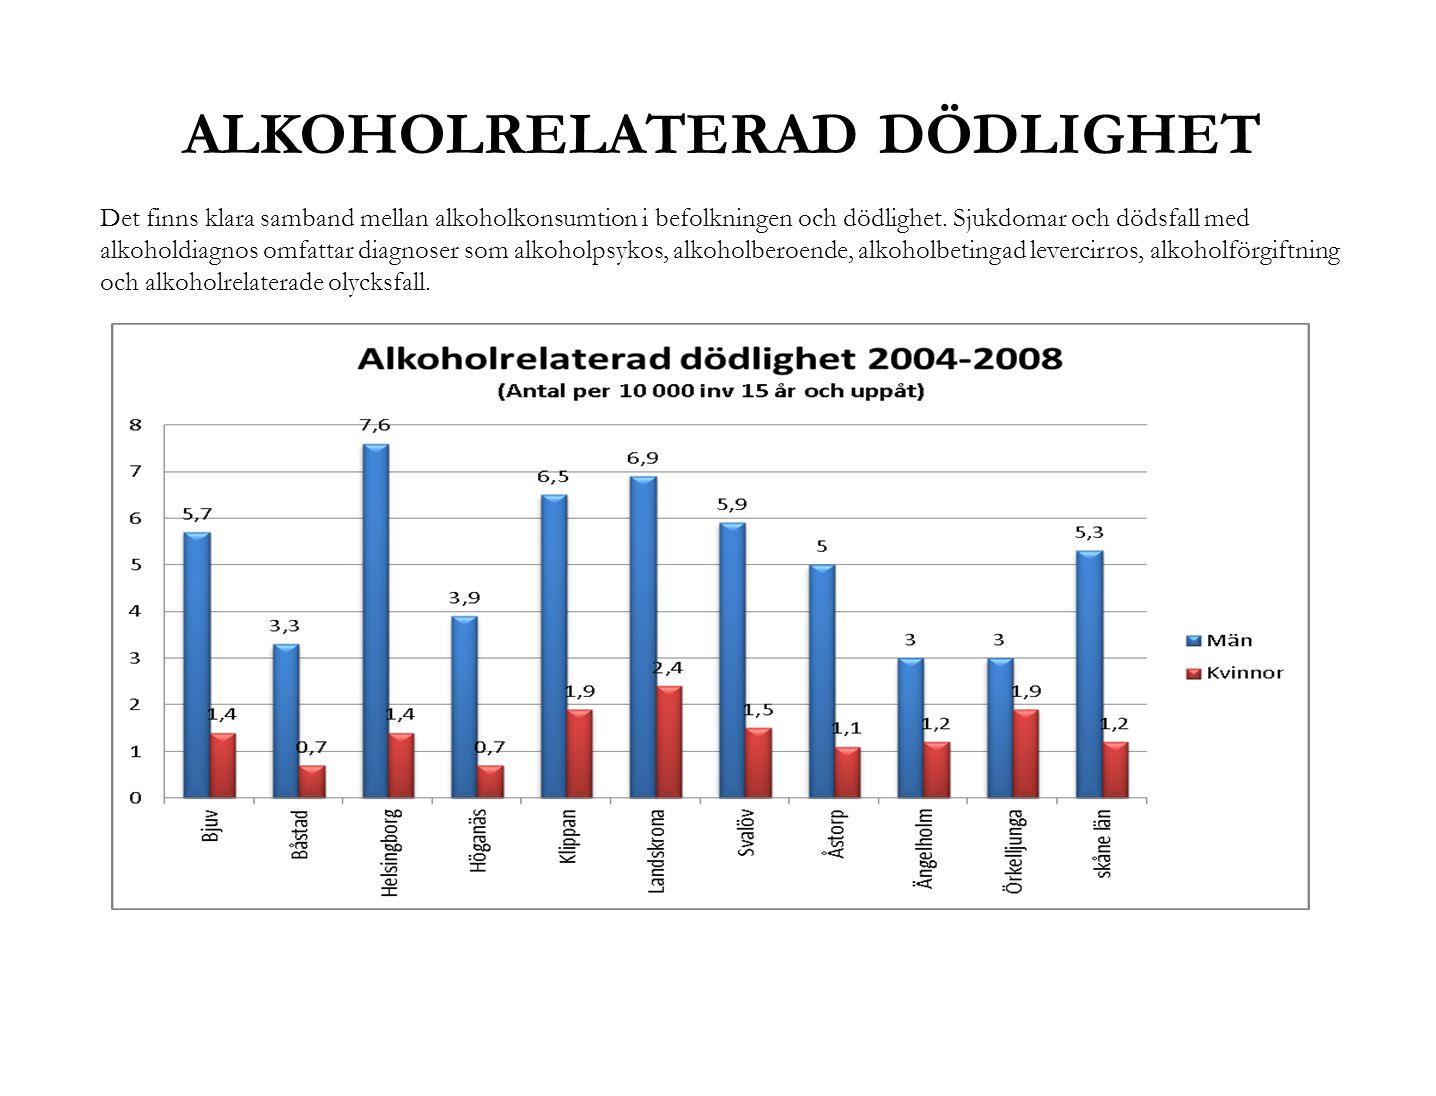 ALKOHOLRELATERAD DÖDLIGHET Det finns klara samband mellan alkoholkonsumtion i befolkningen och dödlighet. Sjukdomar och dödsfall med alkoholdiagnos om